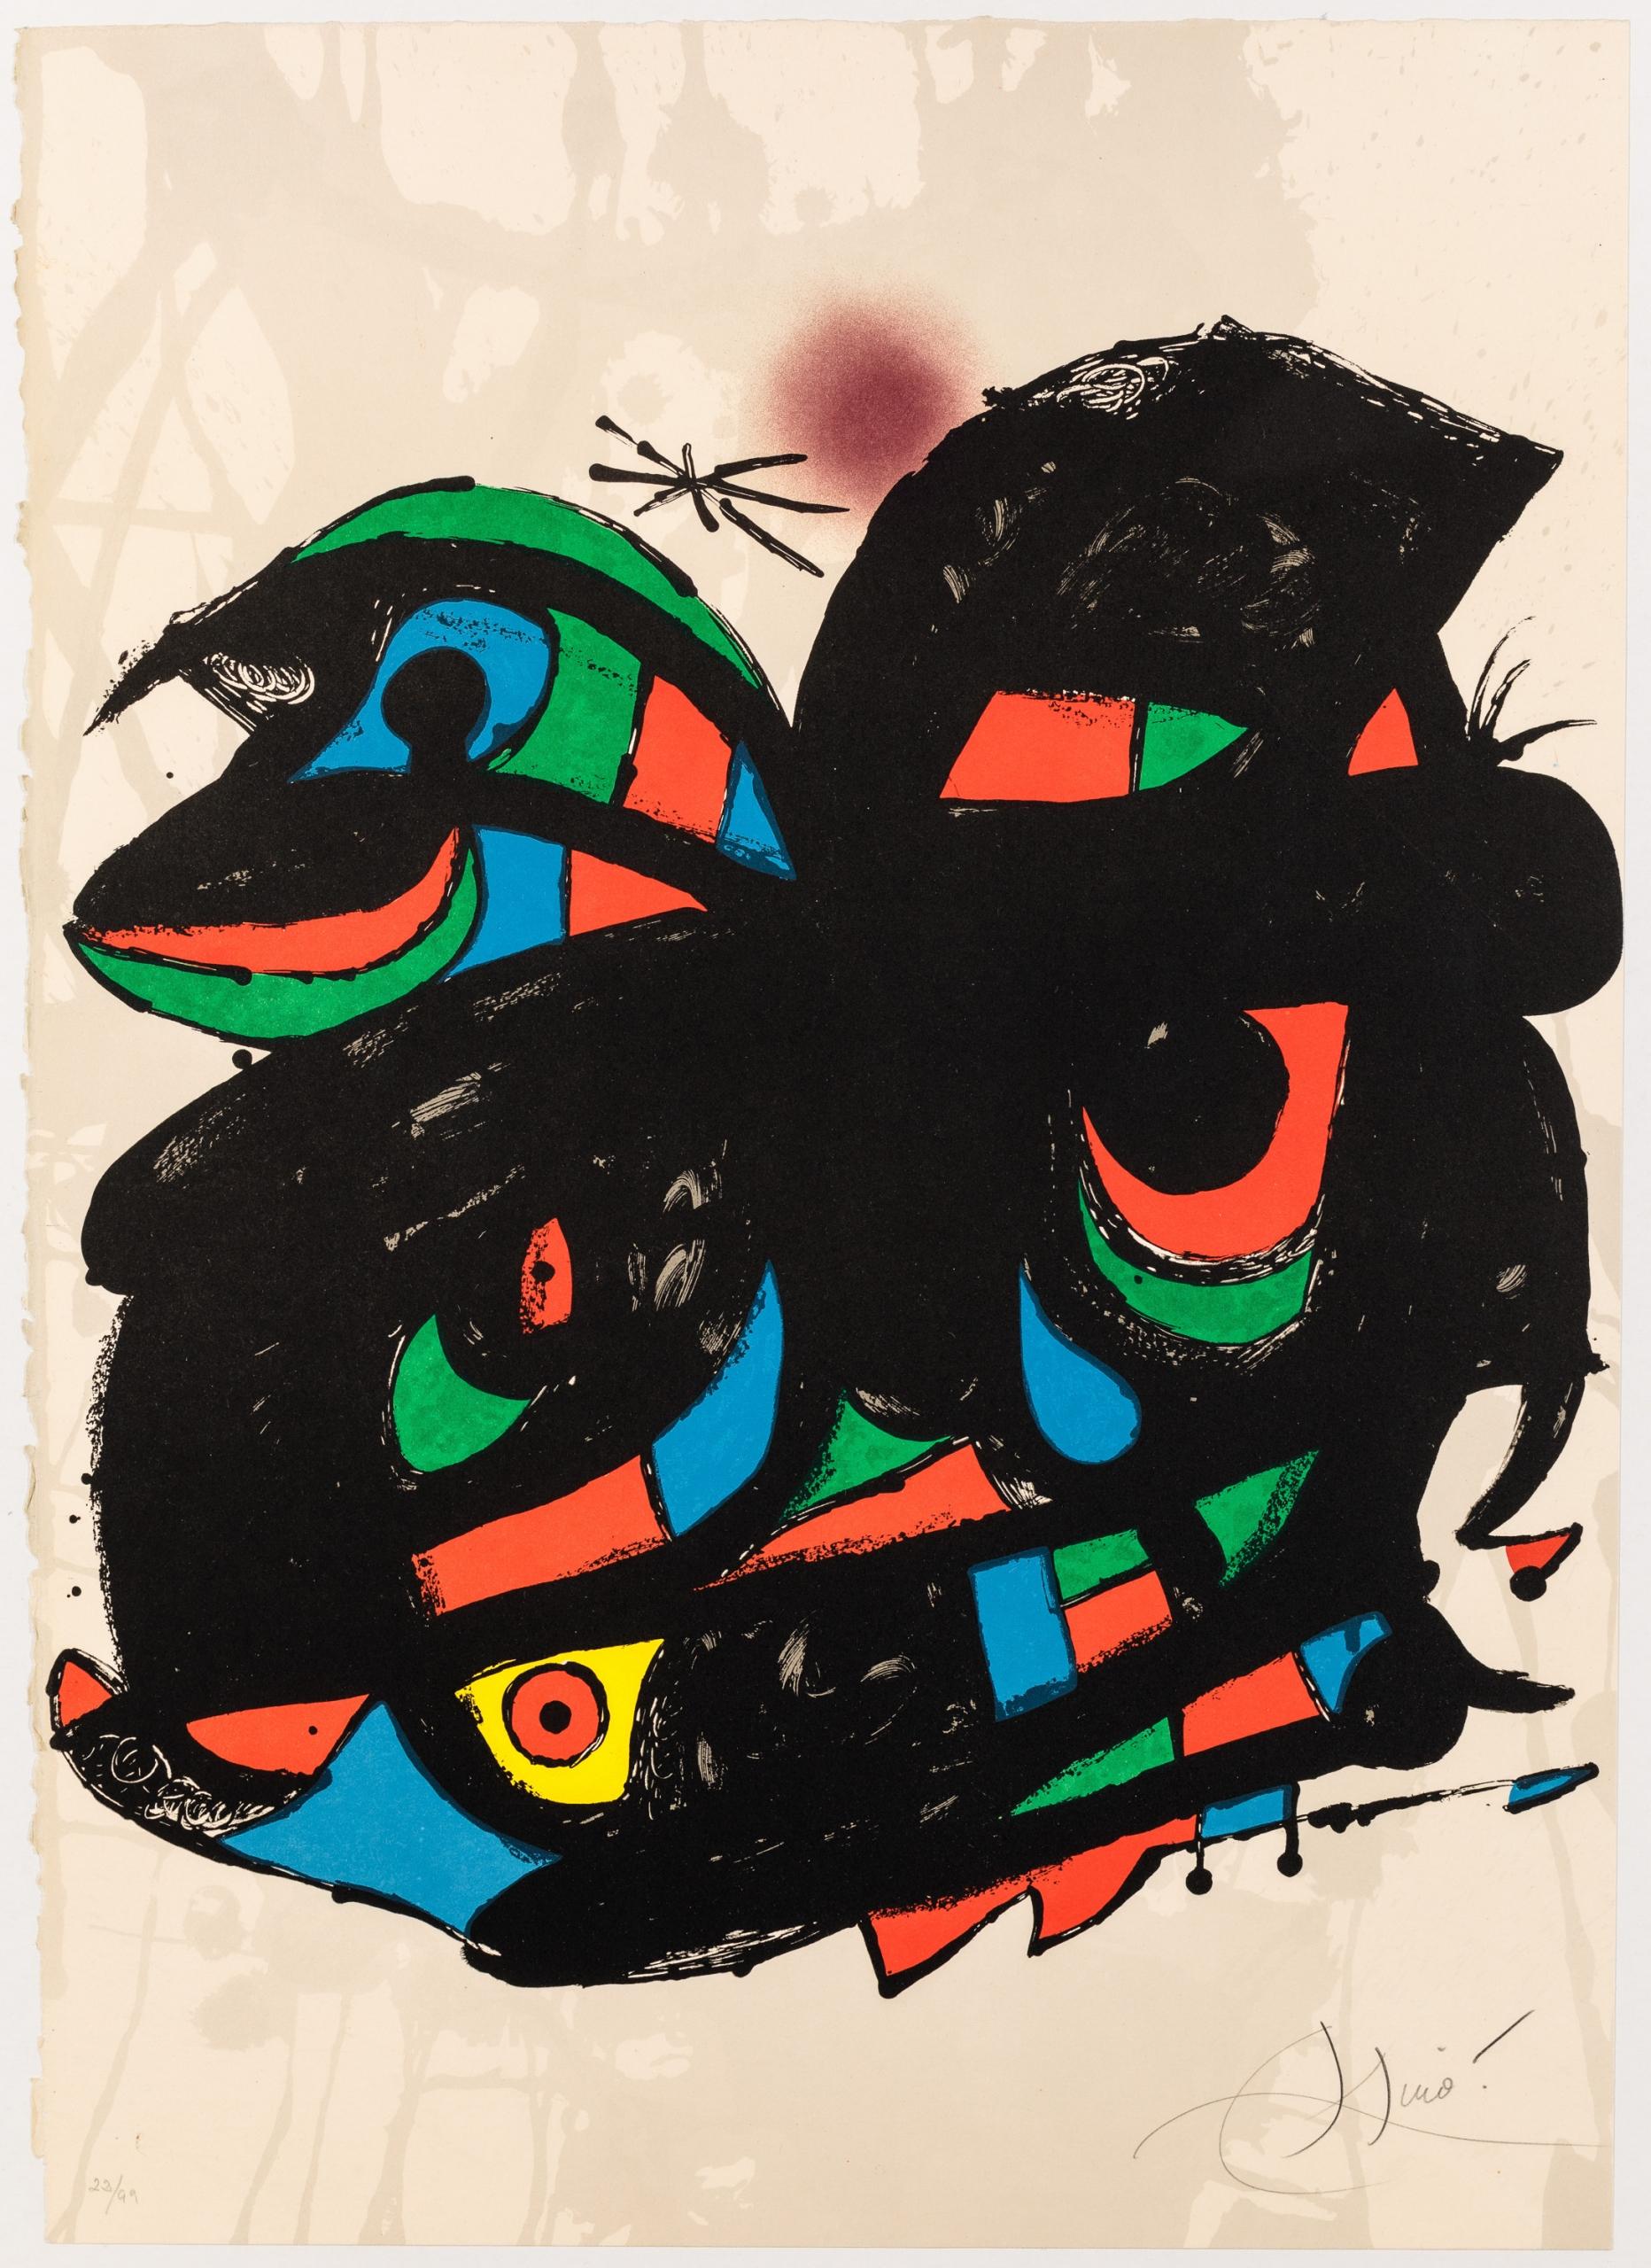 Joàn Miró, Inauguracio Fundació Joan Miró